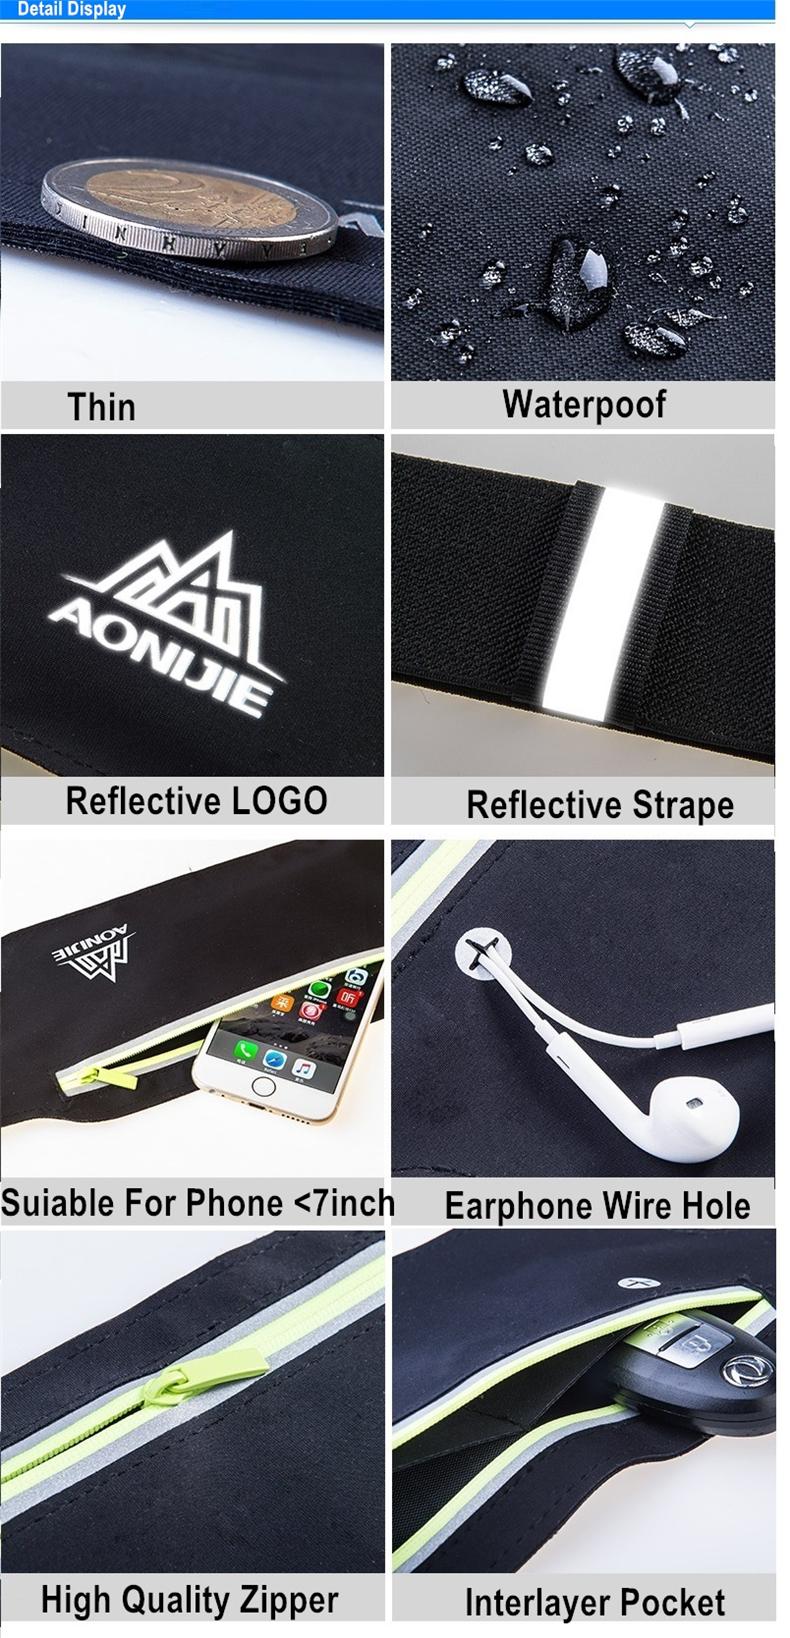 AONIJIE Runnning Waist Bag Men Women Sport Waist Pack Jogging Gym Fitness Running Belt Bag Phone Holder Sport Accessories 12